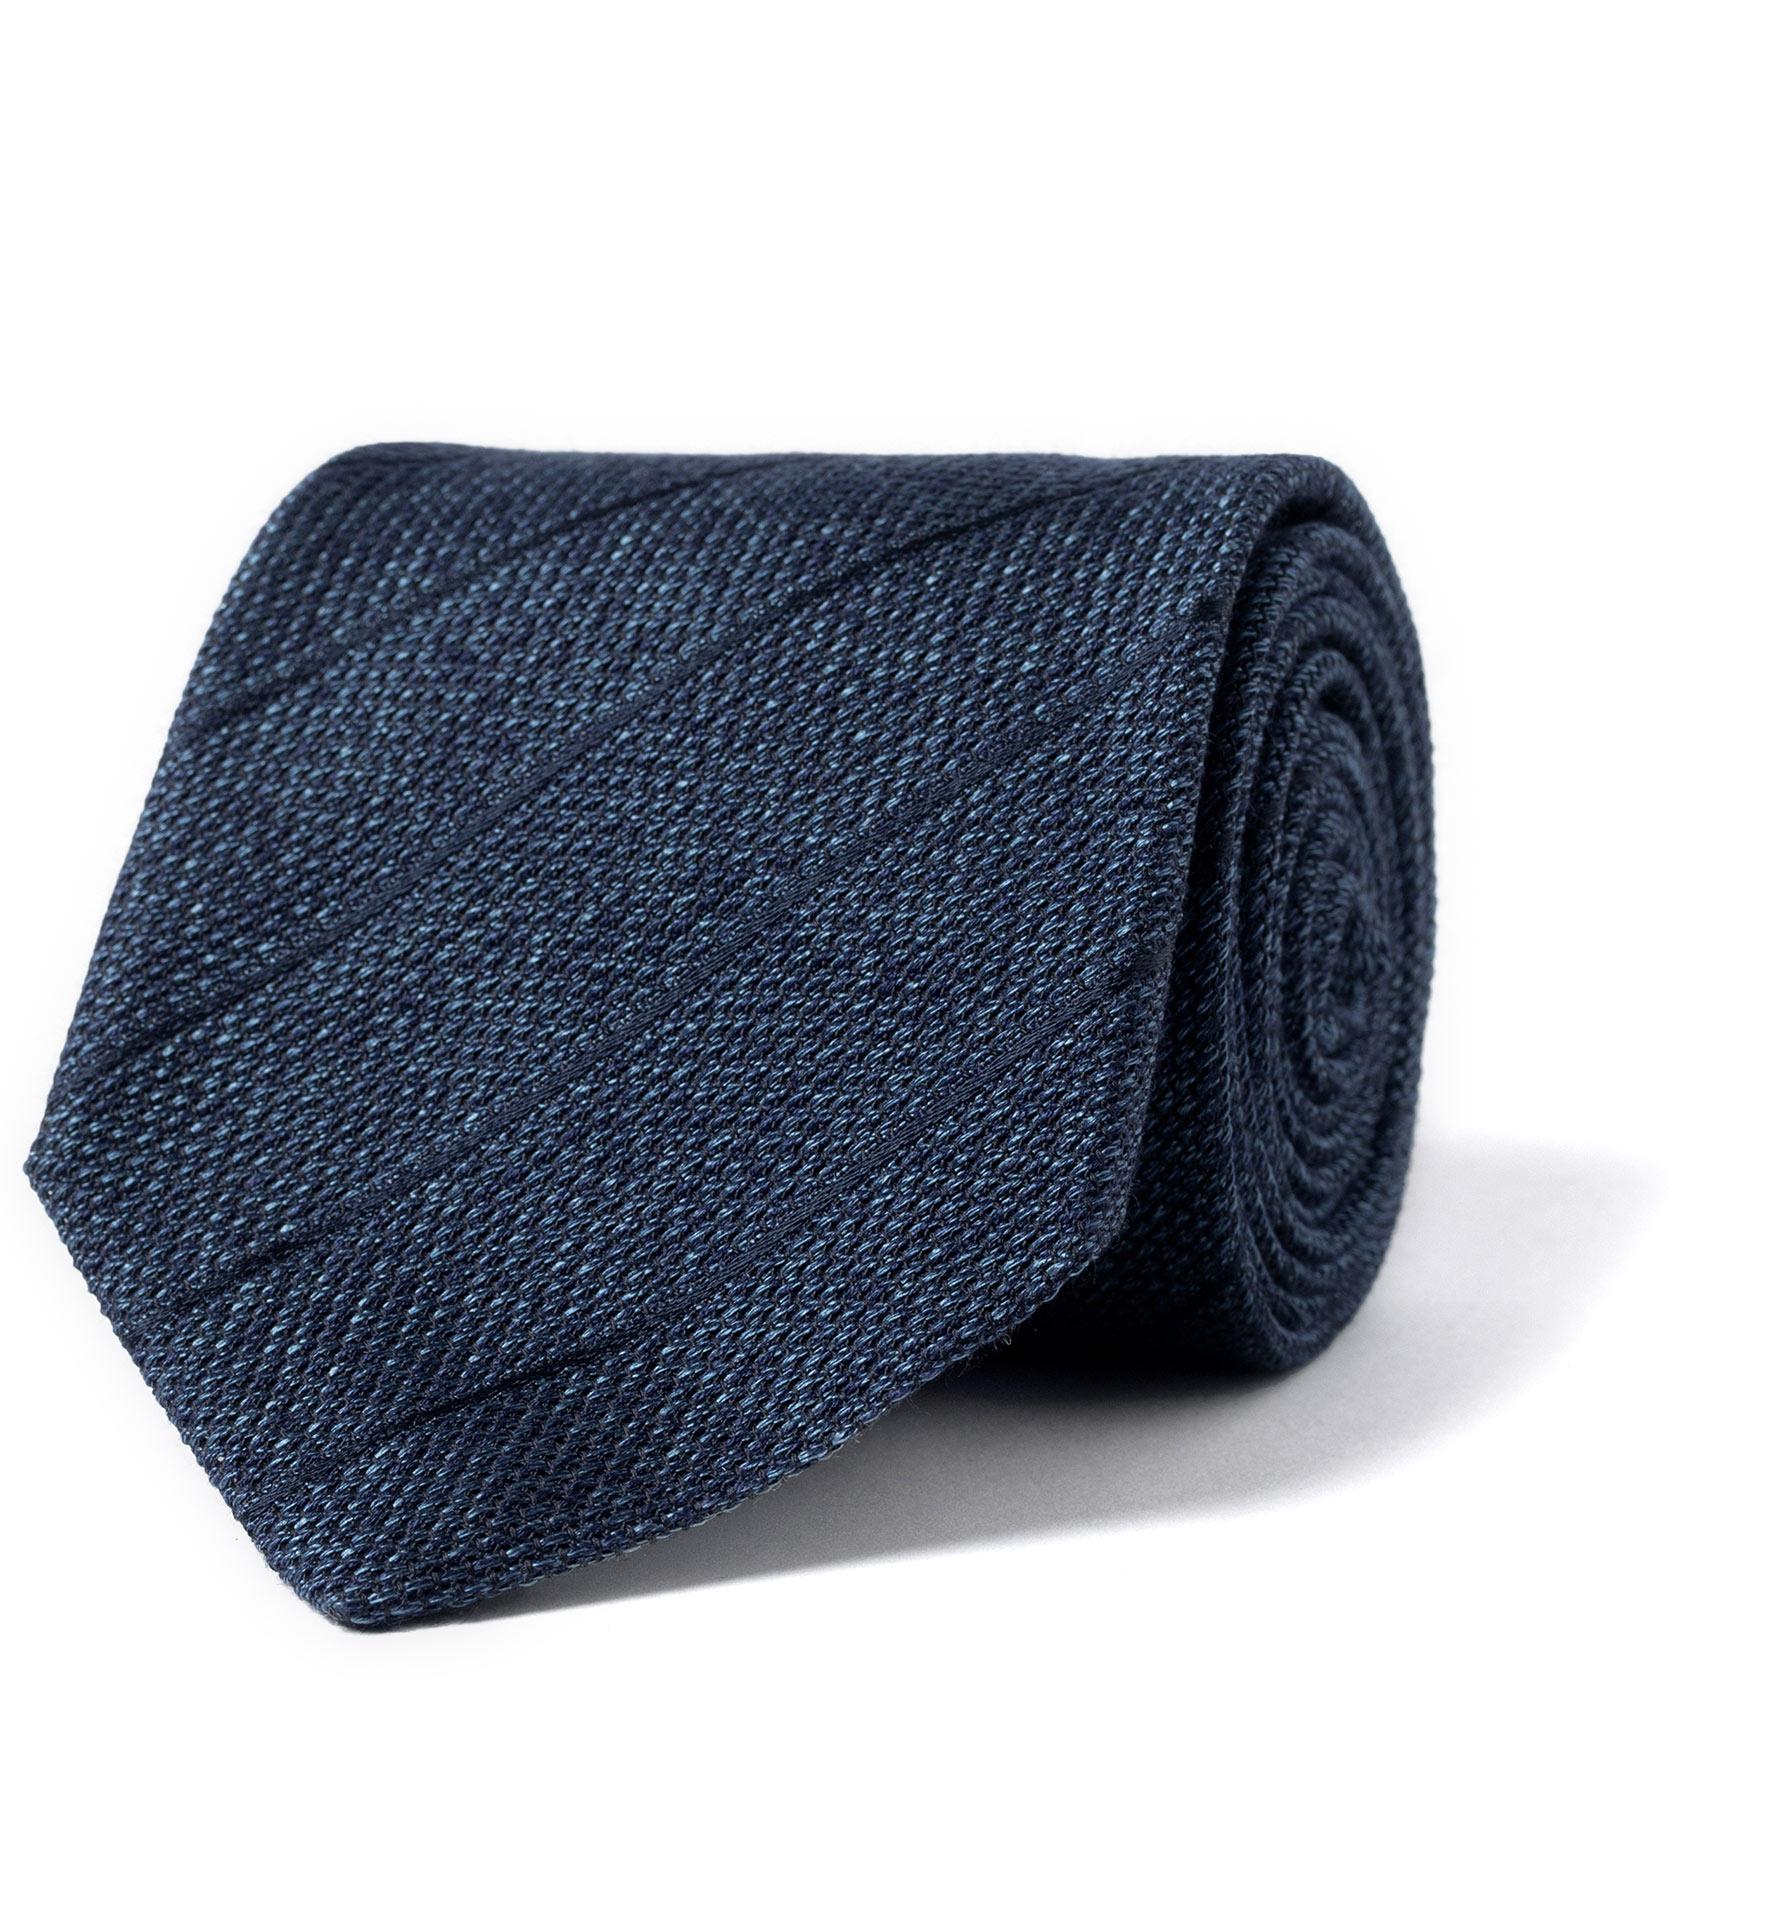 Zoom Image of Ocean Blue Tonal Pinstripe Silk Grenadine Tie